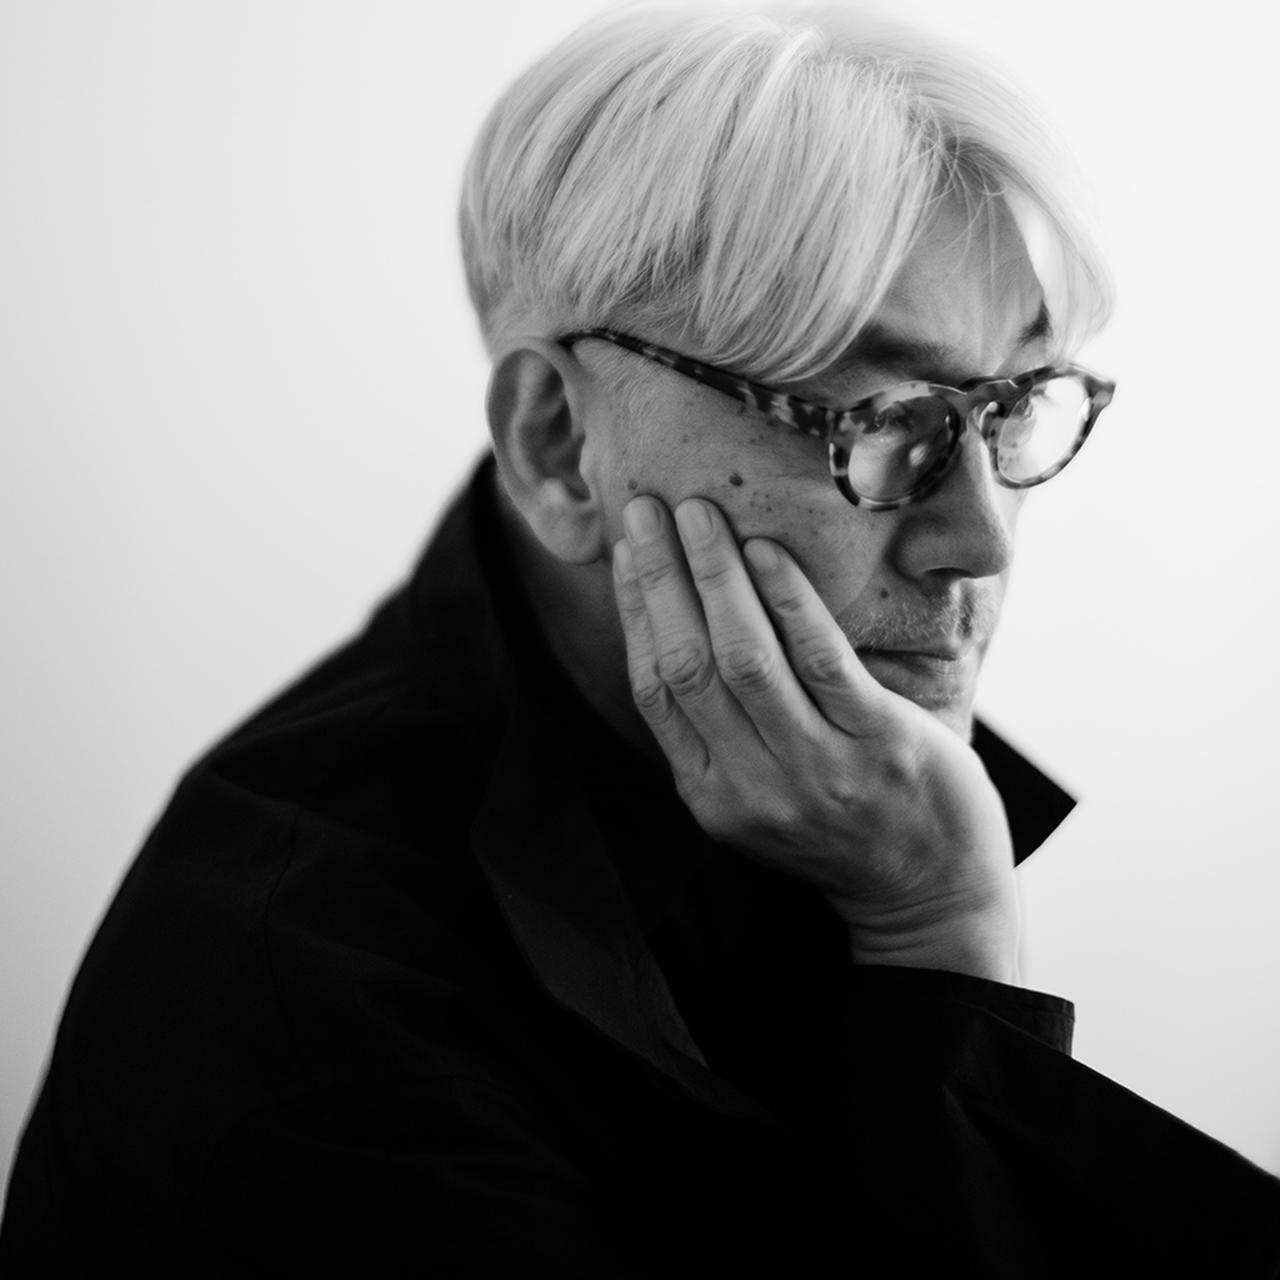 画像: 坂本龍一(RYUICHI SAKAMOTO) 音楽家。1952年東京生まれ。1978年『千のナイフ』でソロデビュー。同年『YMO』を結成。散開後も多方面で活躍。『戦場のメリークリスマス』で英国アカデミー賞を、『ラストエンペラー』の音楽ではアカデミーオリジナル音楽作曲賞、グラミー賞他を受賞。環境や平和問題への言及も多く、森林保全団体「more trees」の創設、「stop rokkasho」、「NO NUKES」などの活動で脱原発を表明、音楽を通じた東北地方太平洋沖地震被災者支援活動も行う PHOTOGRAPH BY ZAKKUBALAN © 2020 Kab Inc.